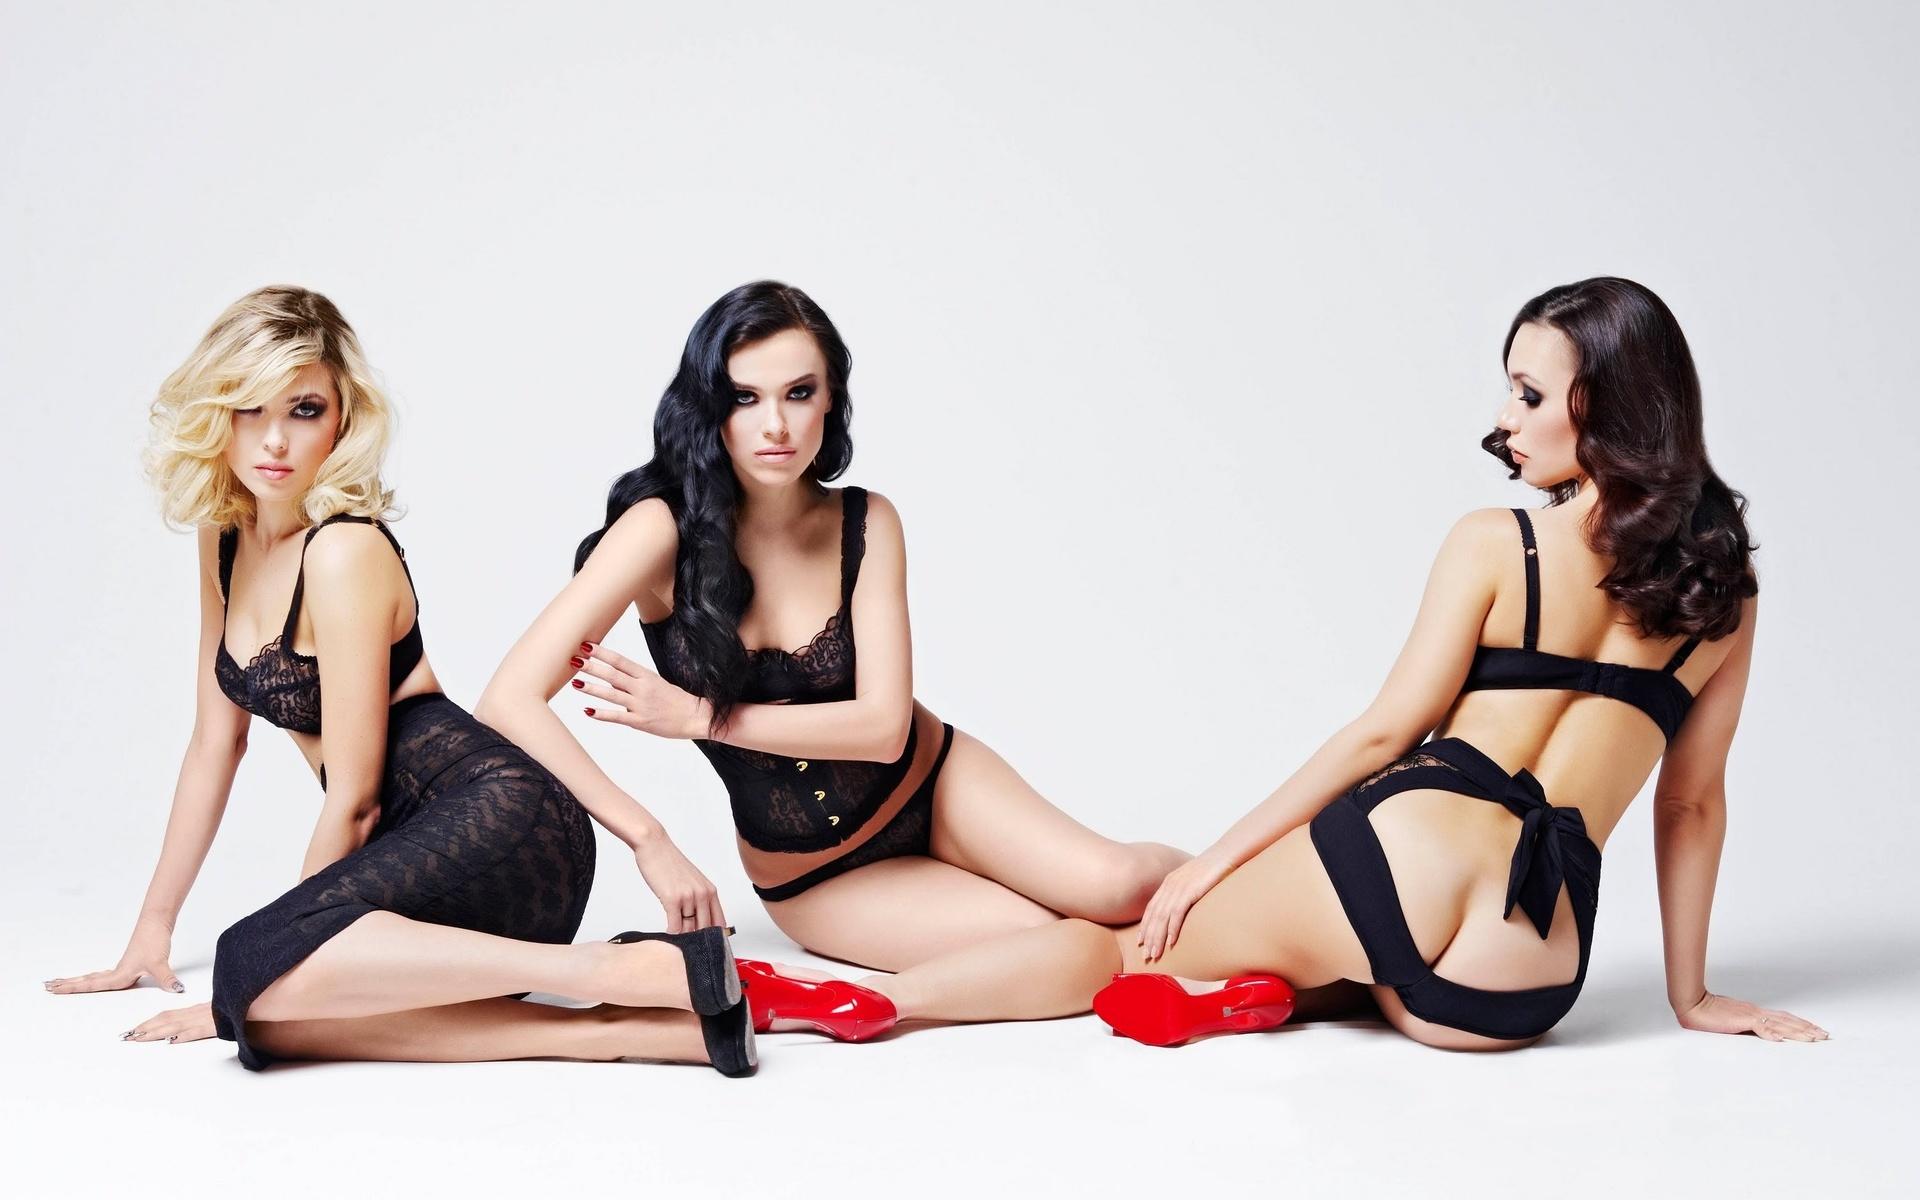 Секси группой бесплатно, Групповой секс, мжм и оргии смотреть онлайн бесплатно 22 фотография